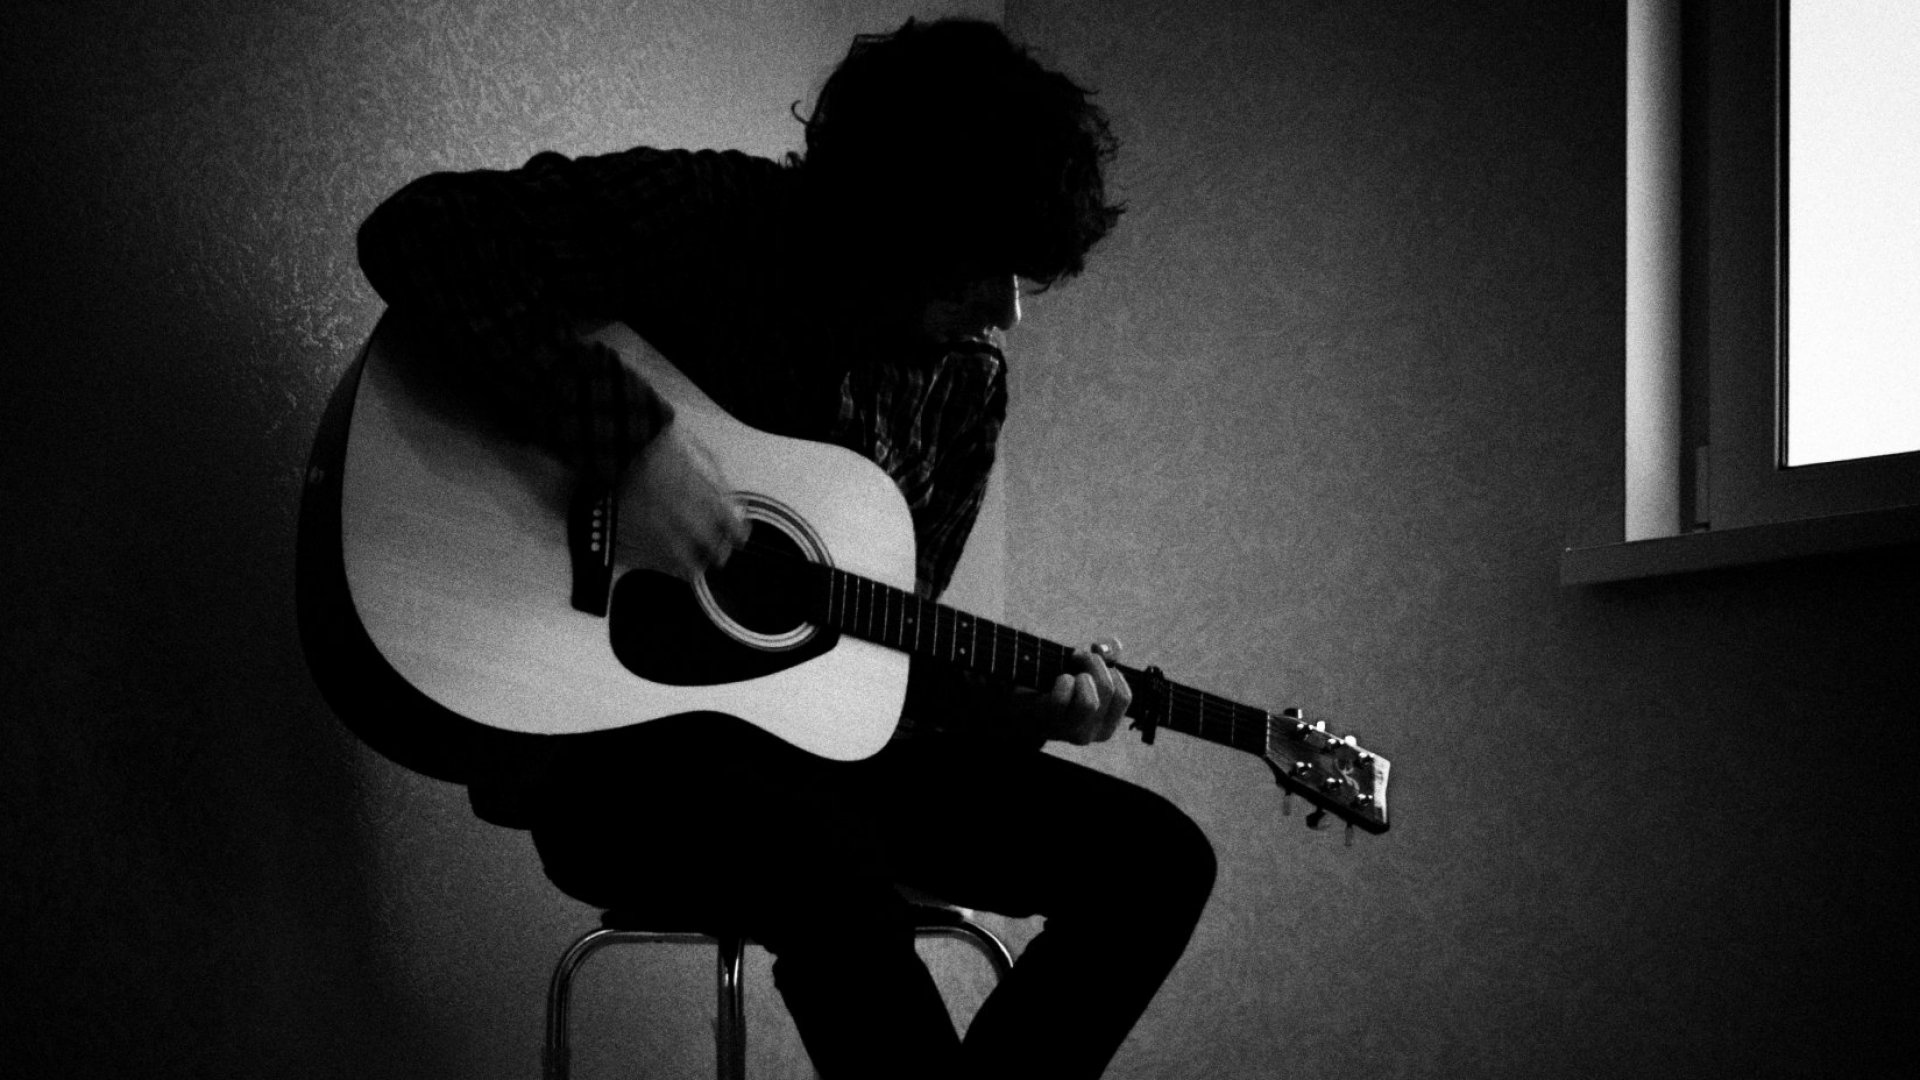 Sad music makes sad people feel better?